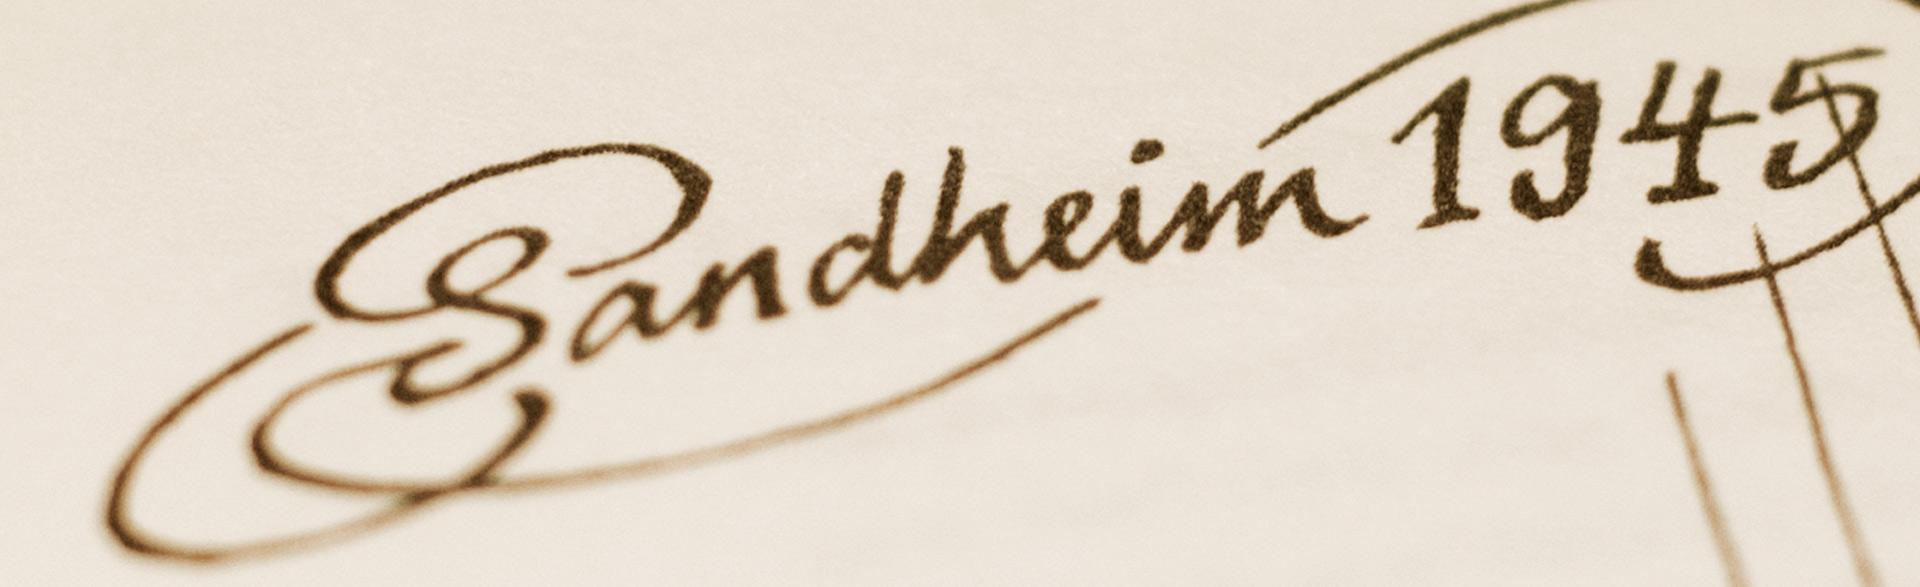 """Handgeschriebener Schriftzug Sandheim 1945 für das Buch """"Und doch ist es Heimat"""" von Jochen Metzger"""